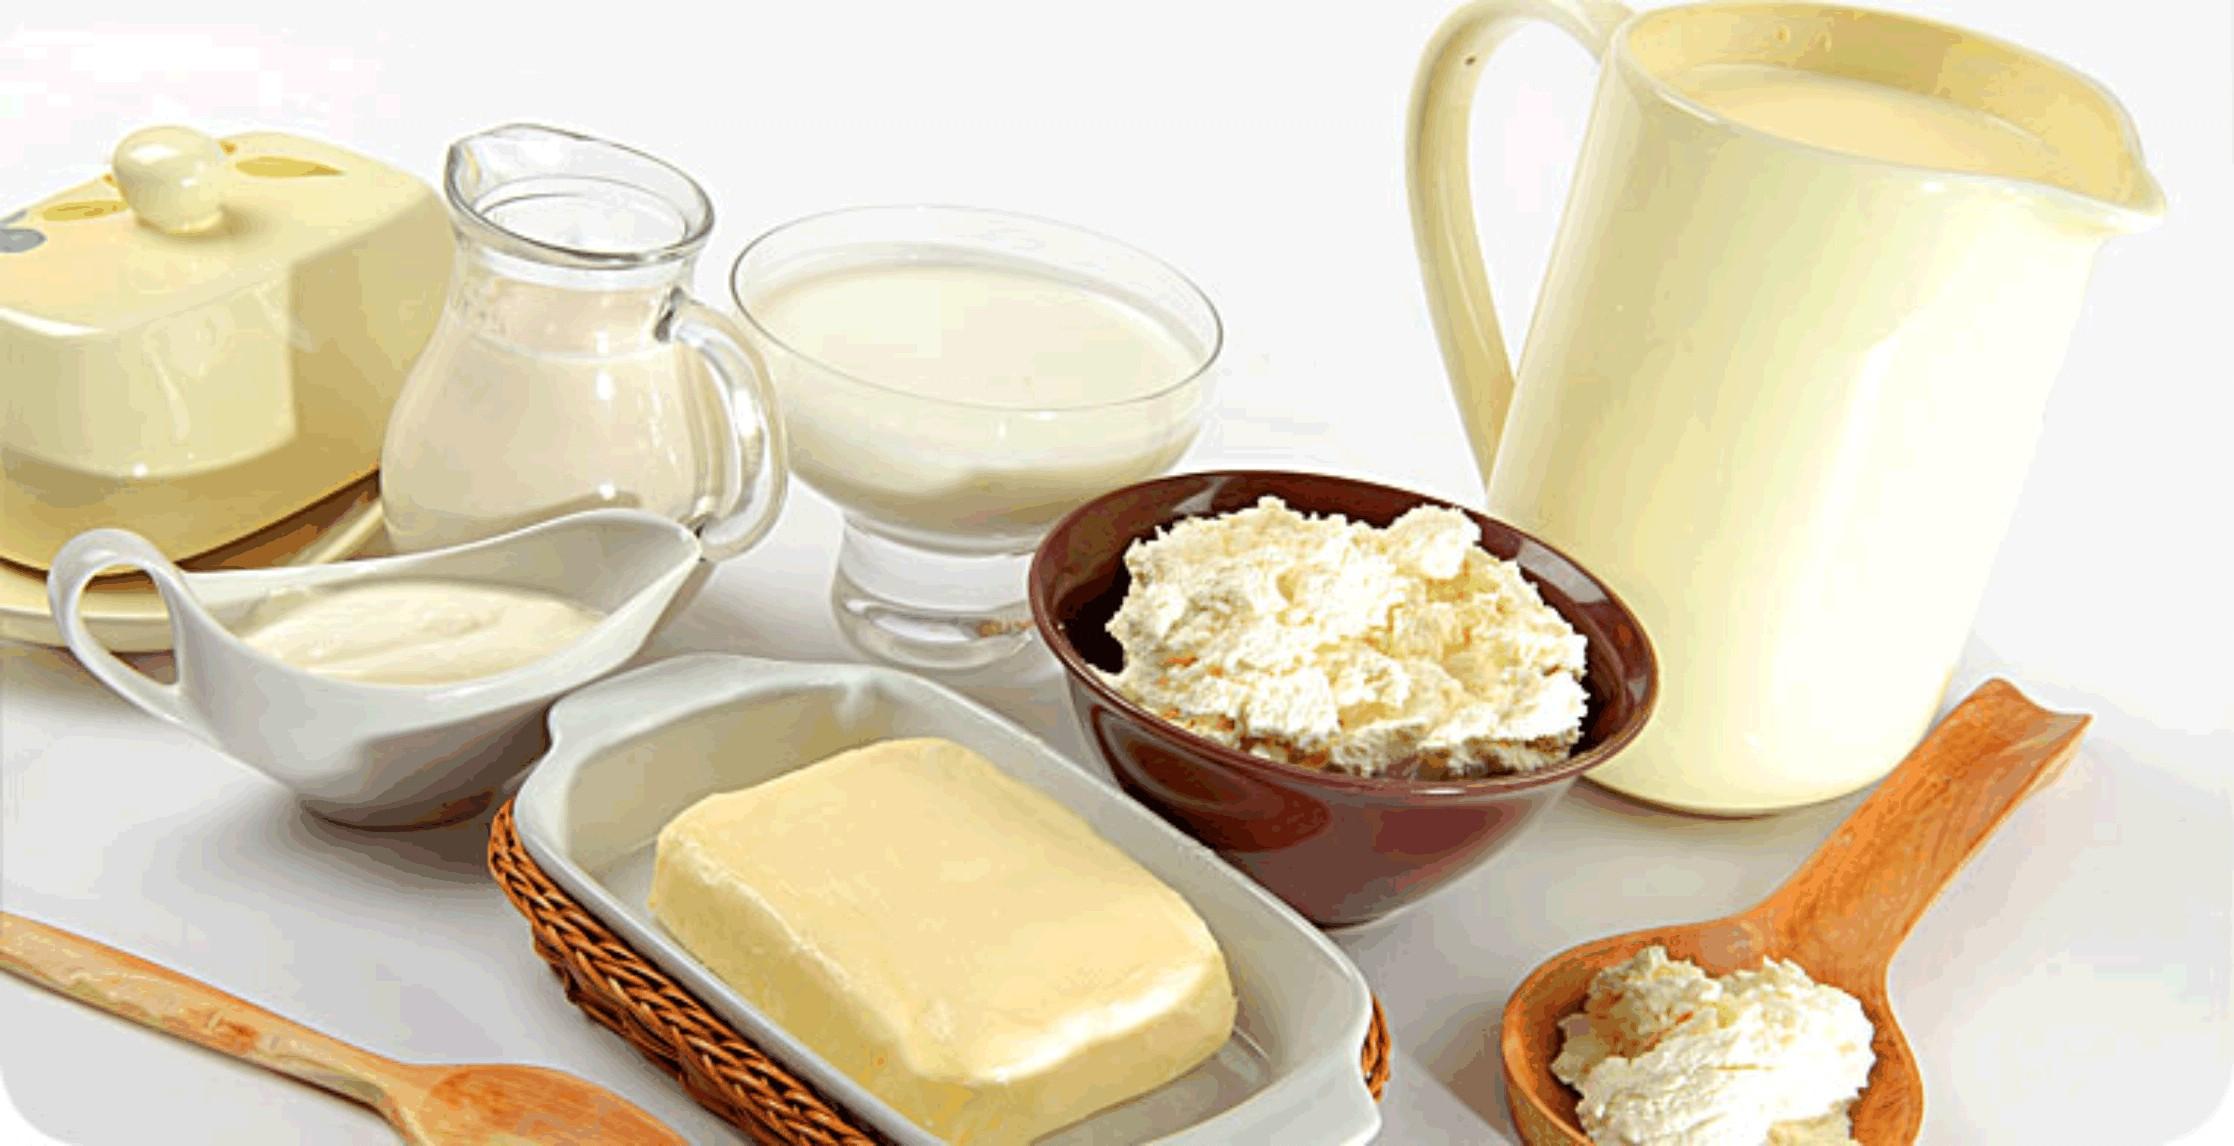 У переживших рак груди повышается риск смерти от жирных молочных продуктов